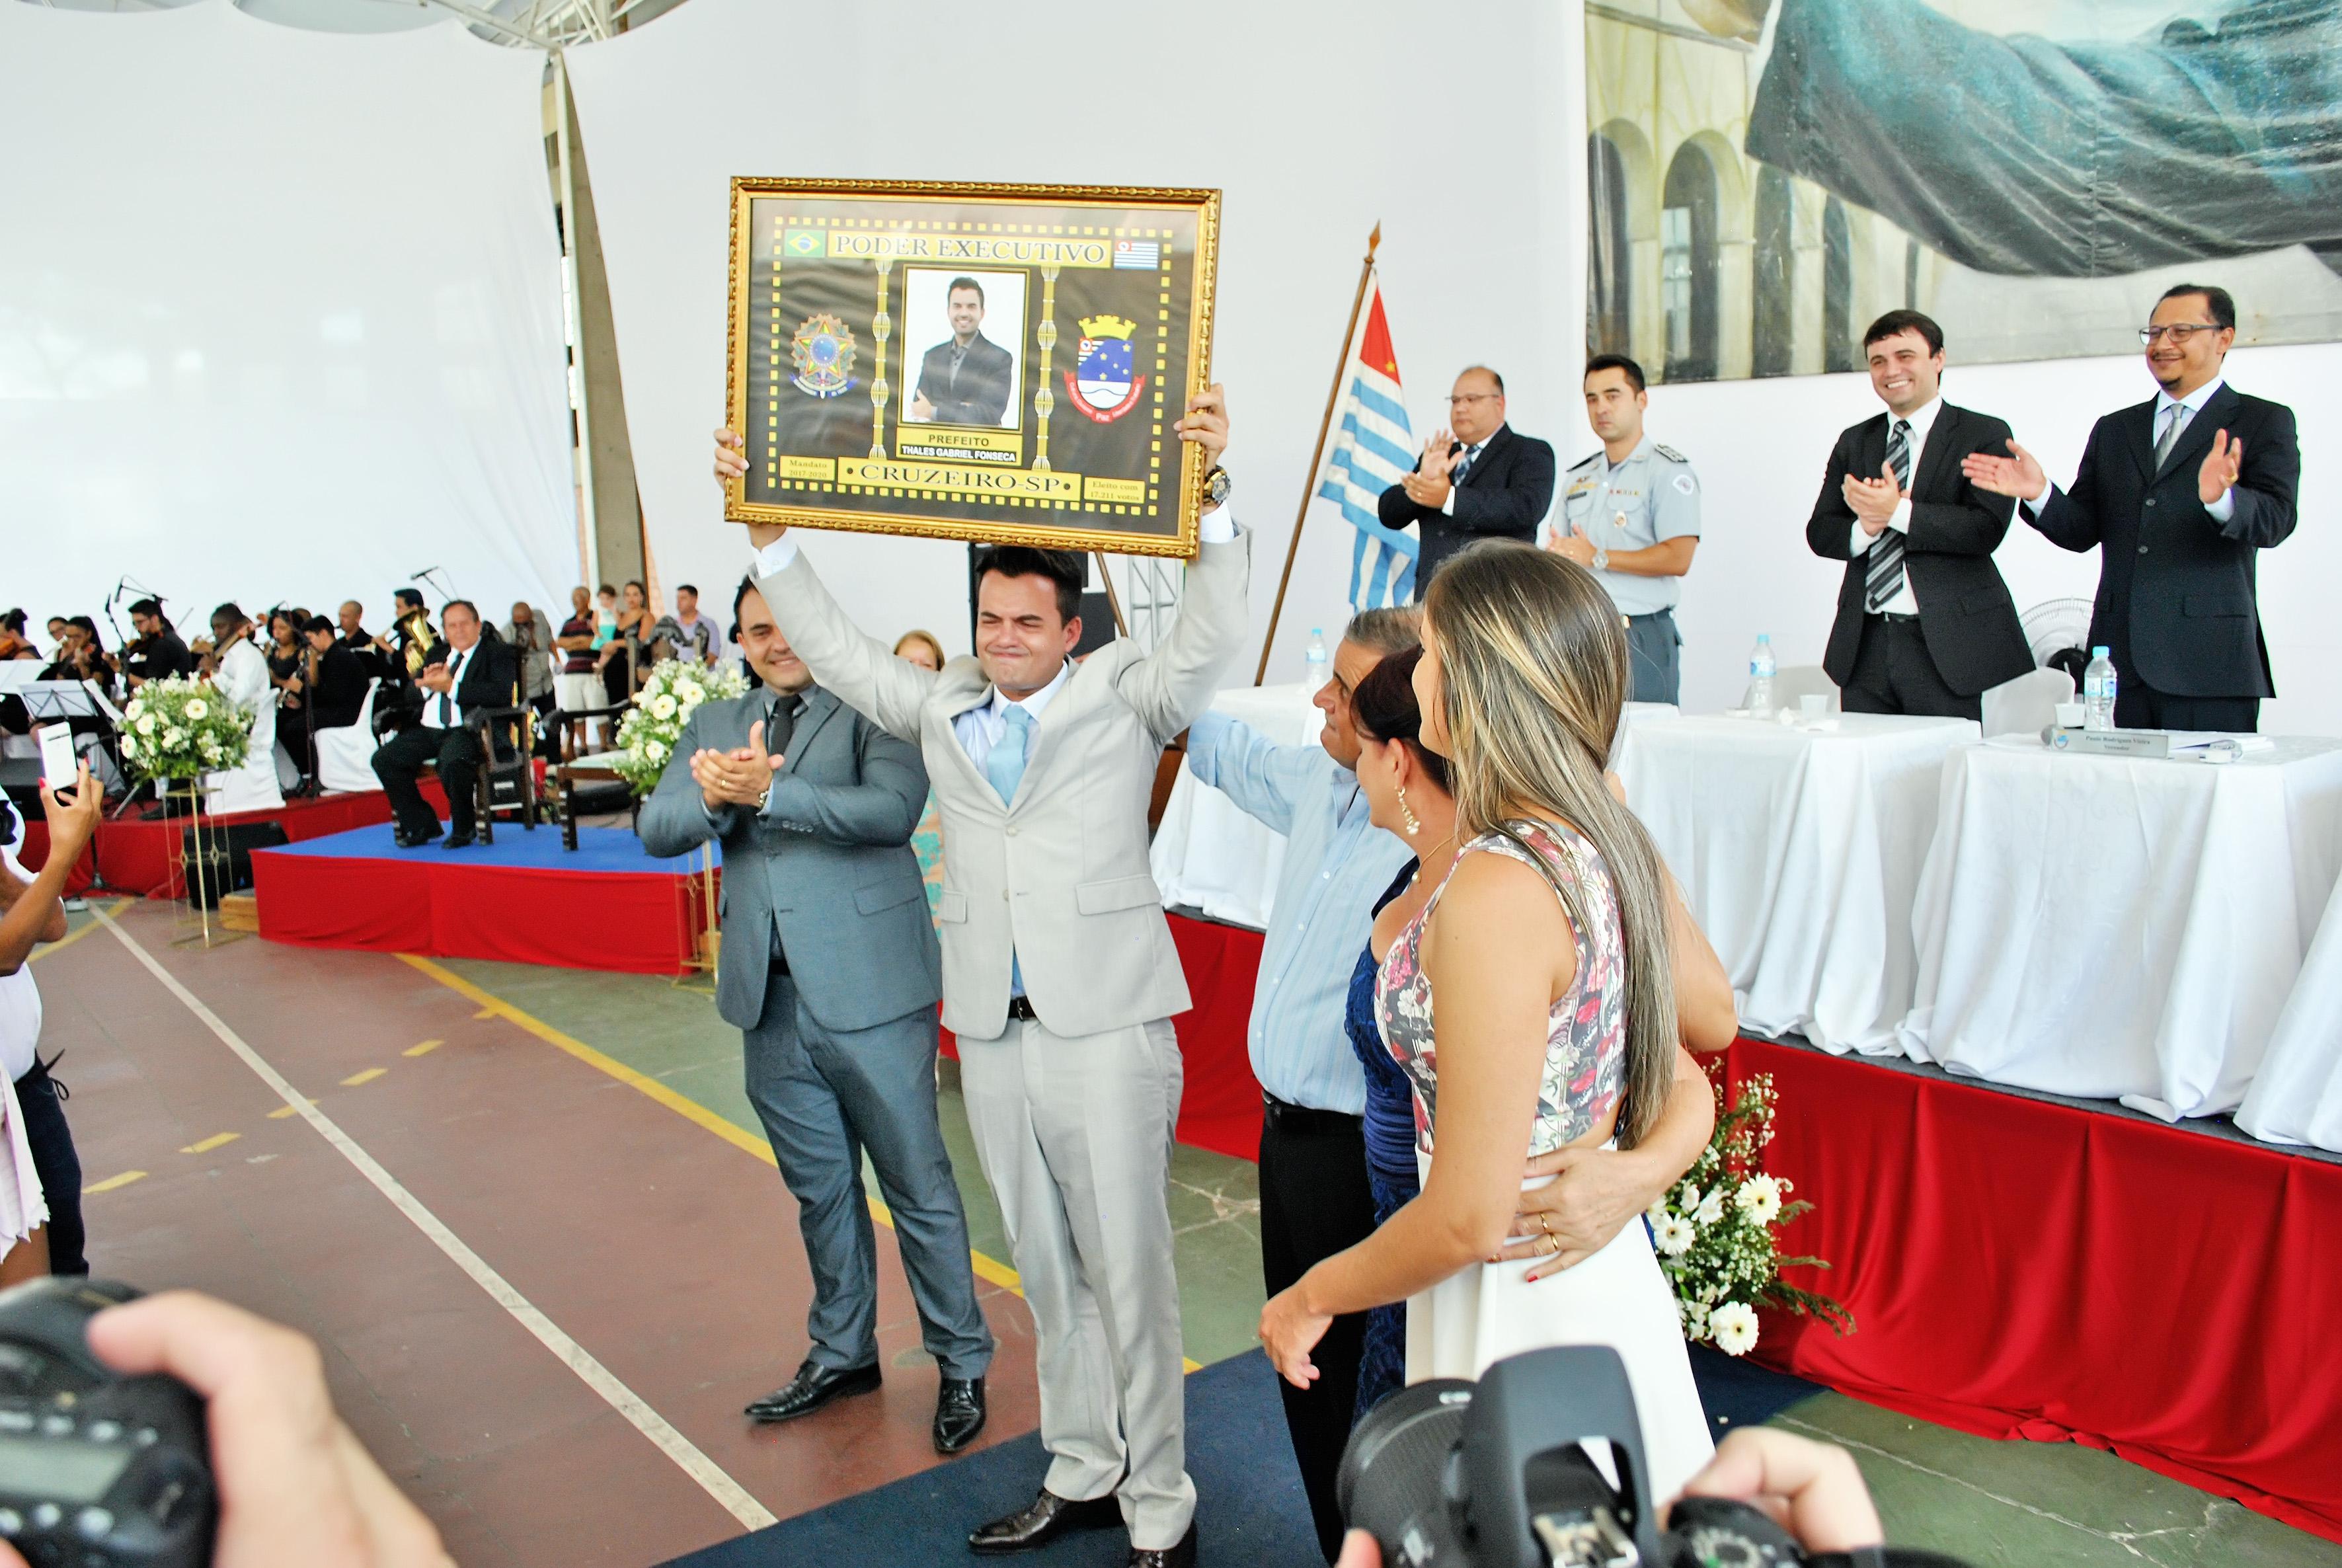 O prefeito Thales Gabriel, que recebeu homenagem em cerimônia de posse (Foto: Andreah Martins)